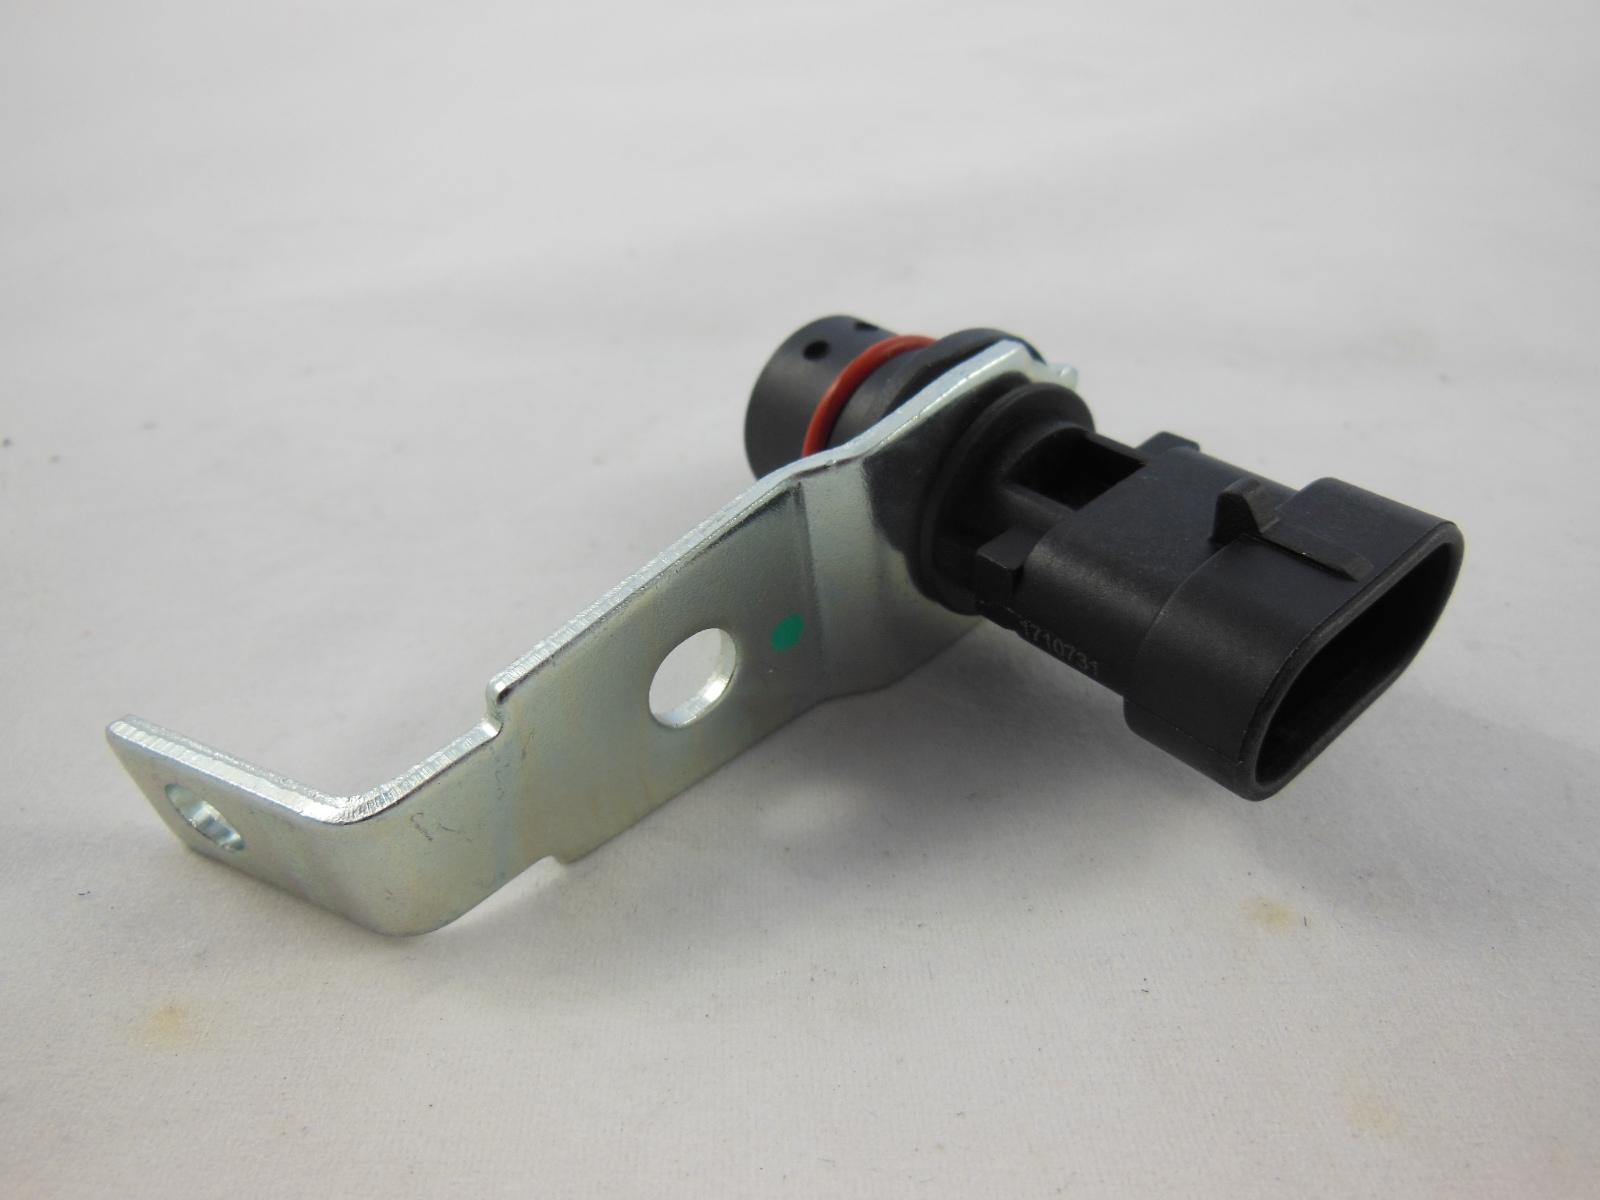 Schalter Öldruck-Brennstoffpumpe Sensor für MerCruiser 87-864252A01 AH